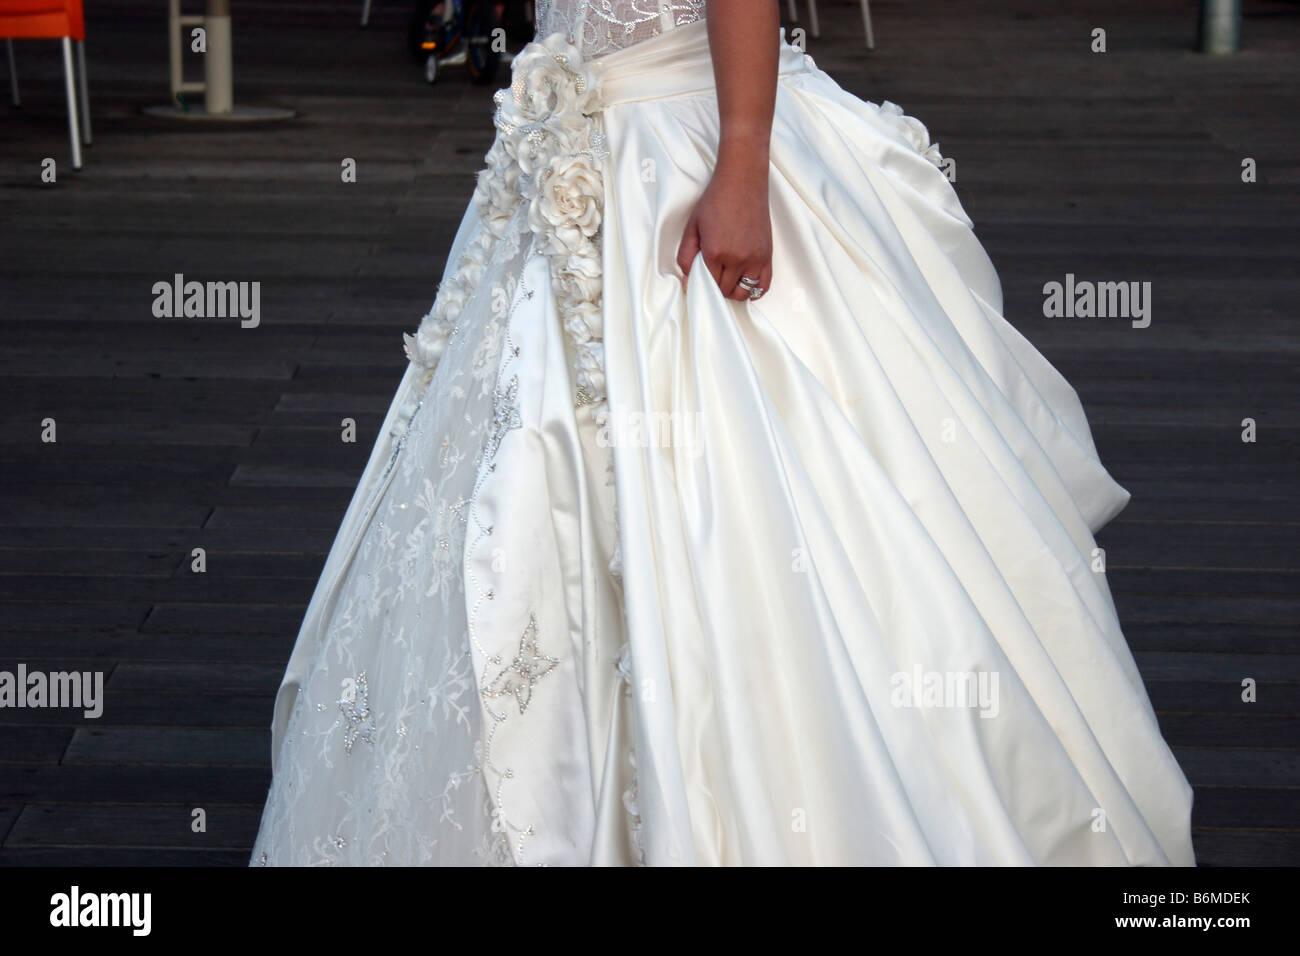 A Jewish bride in her wedding dress Stock Photo: 21347947 - Alamy